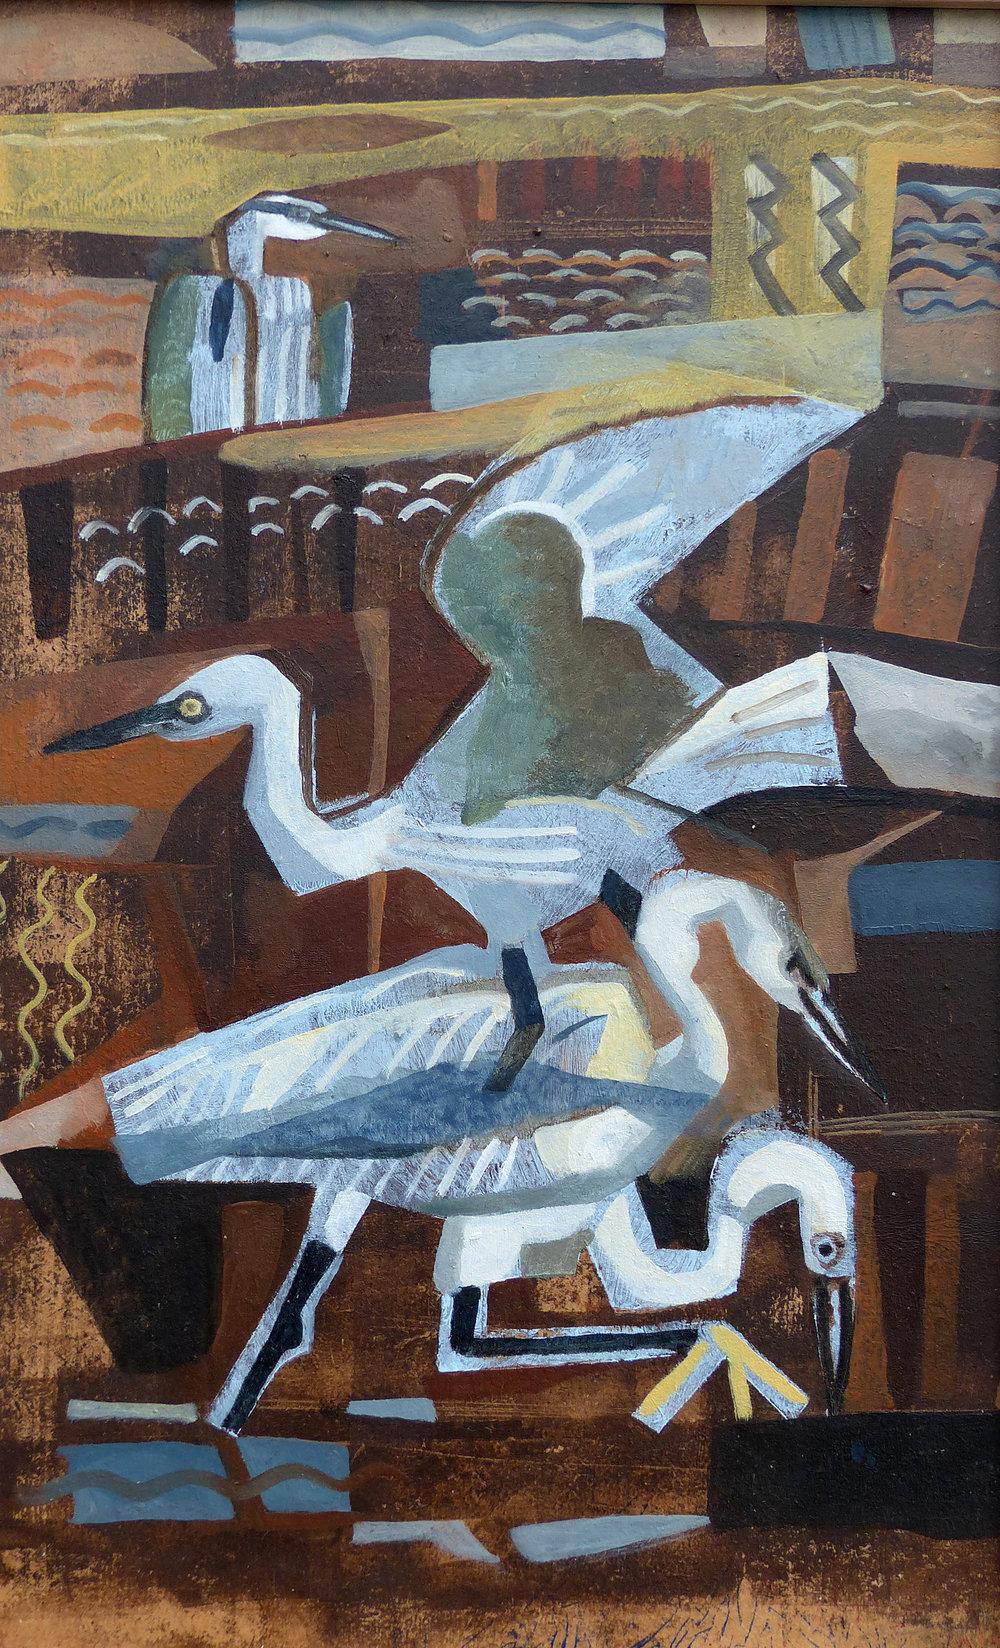 Egrets & Heron - Wallasea